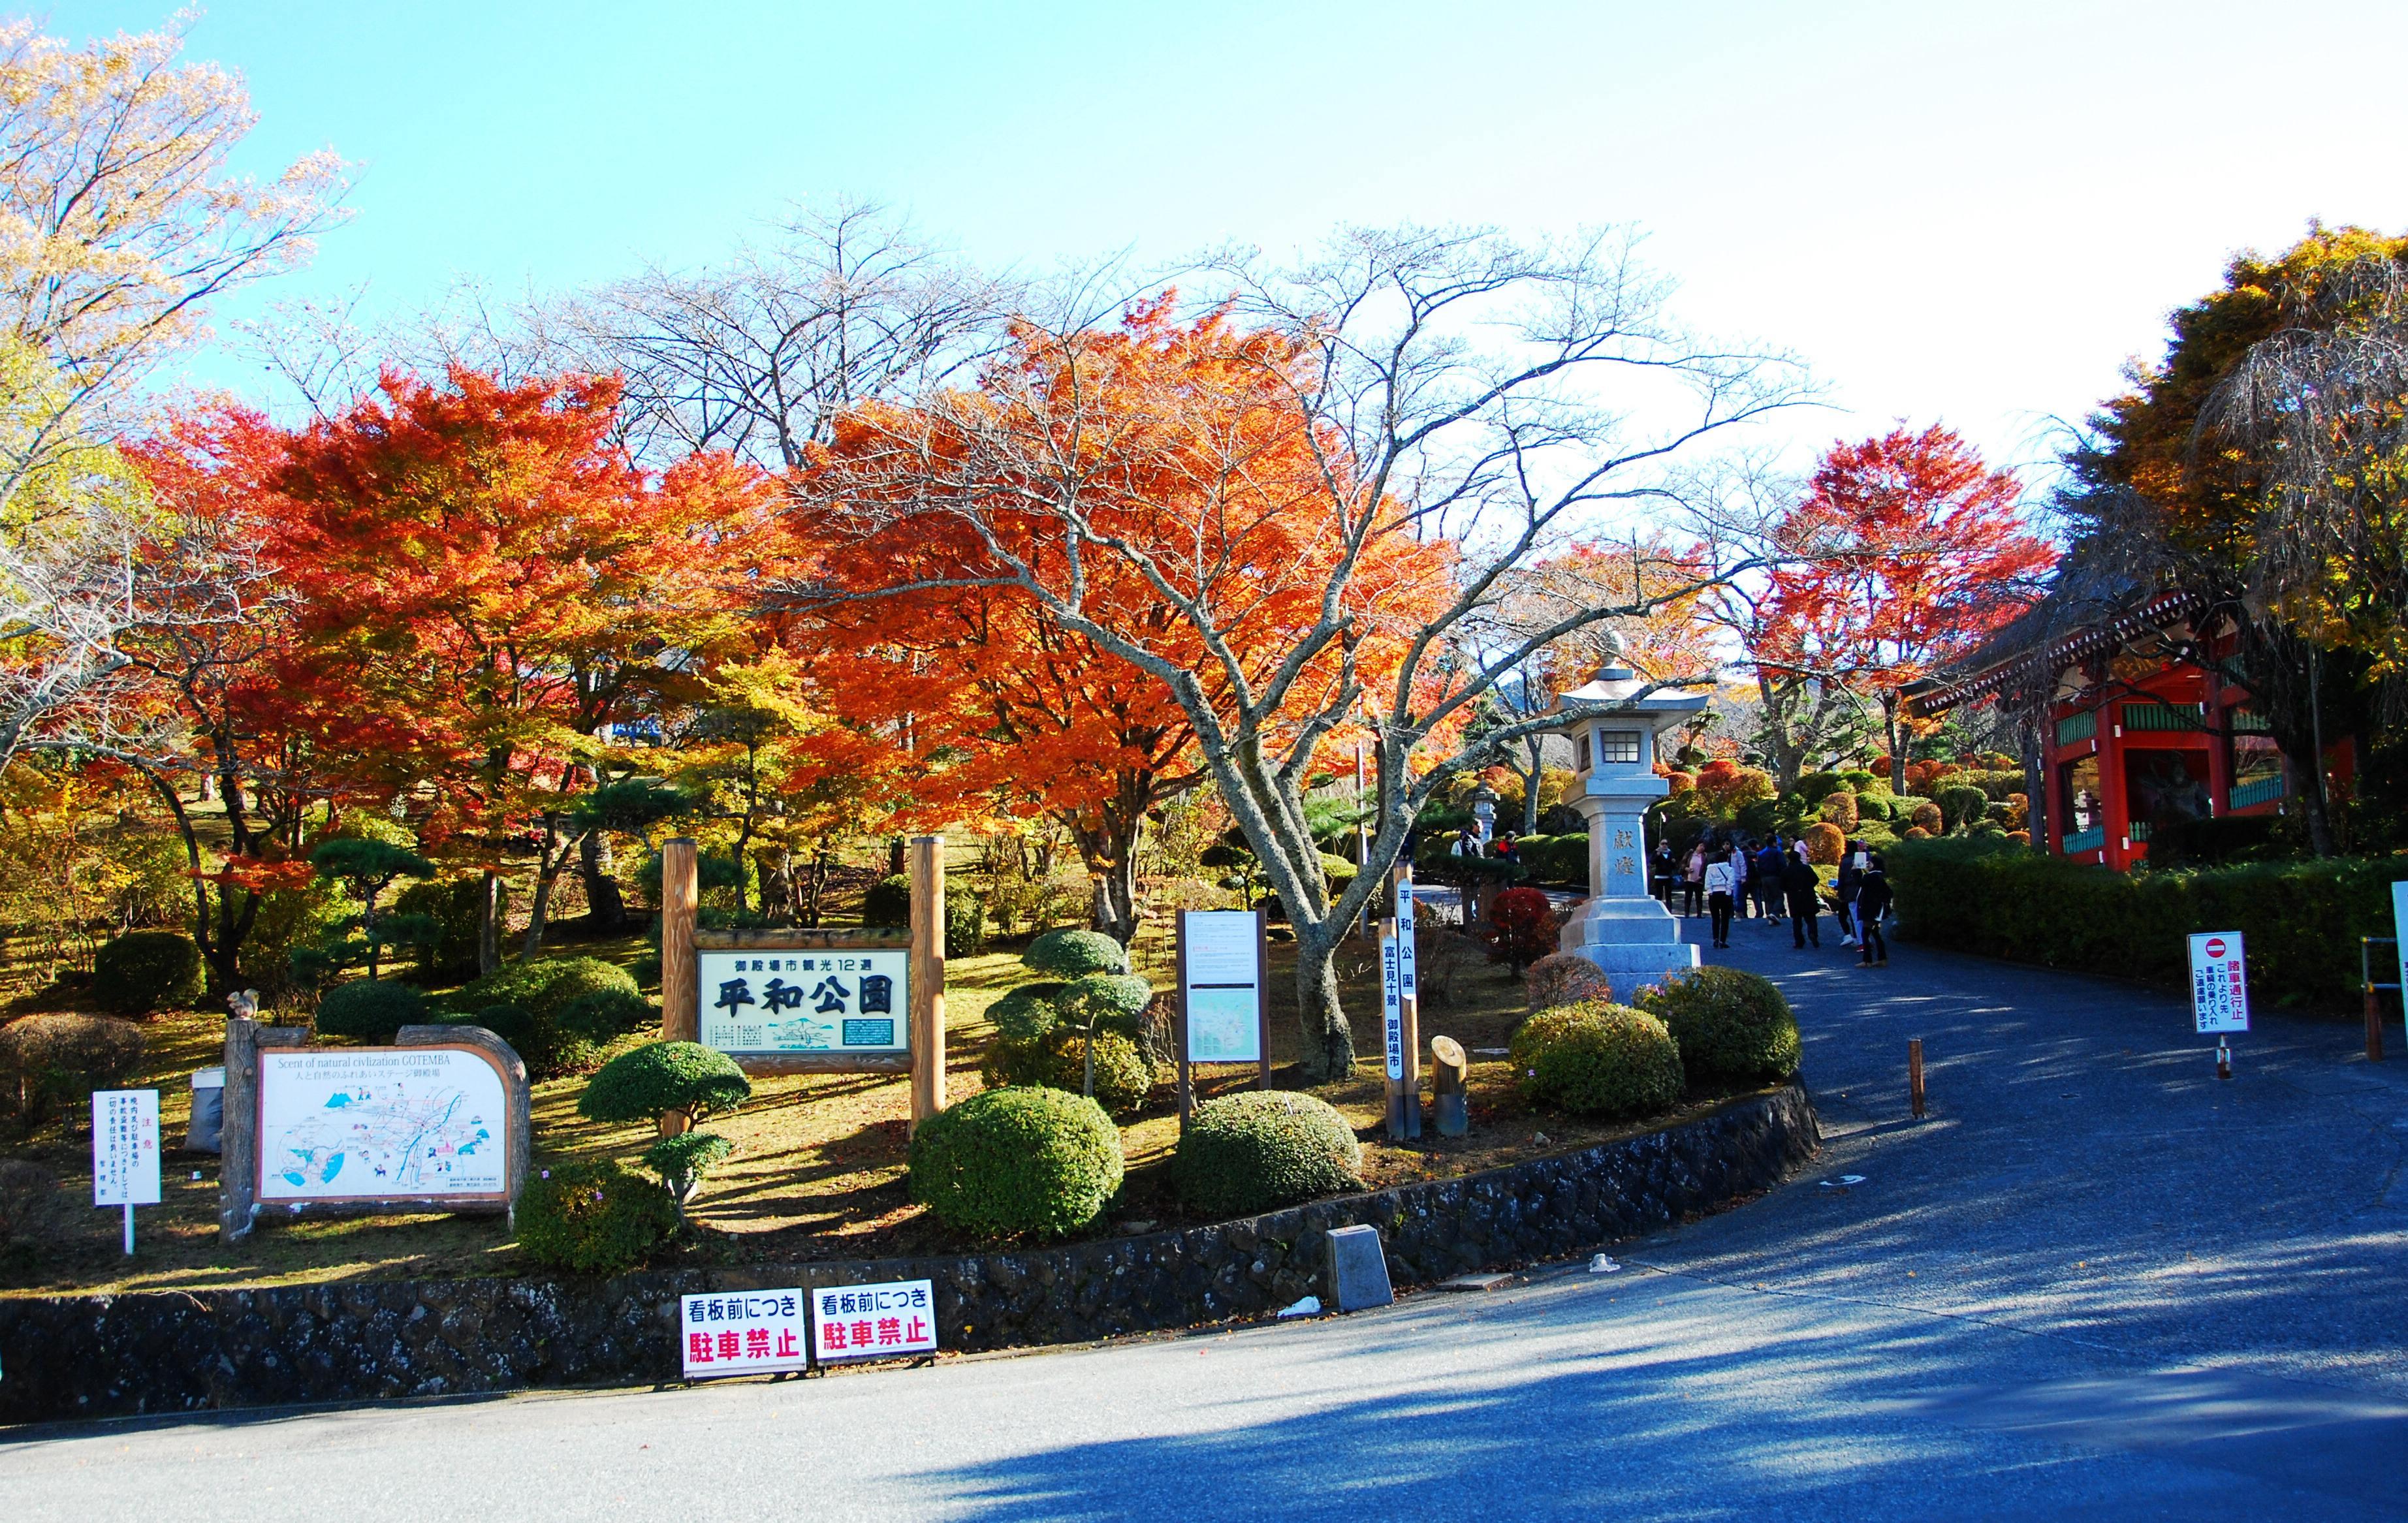 【日本】本州浪漫芝樱 纯玩半自助六天畅享之旅